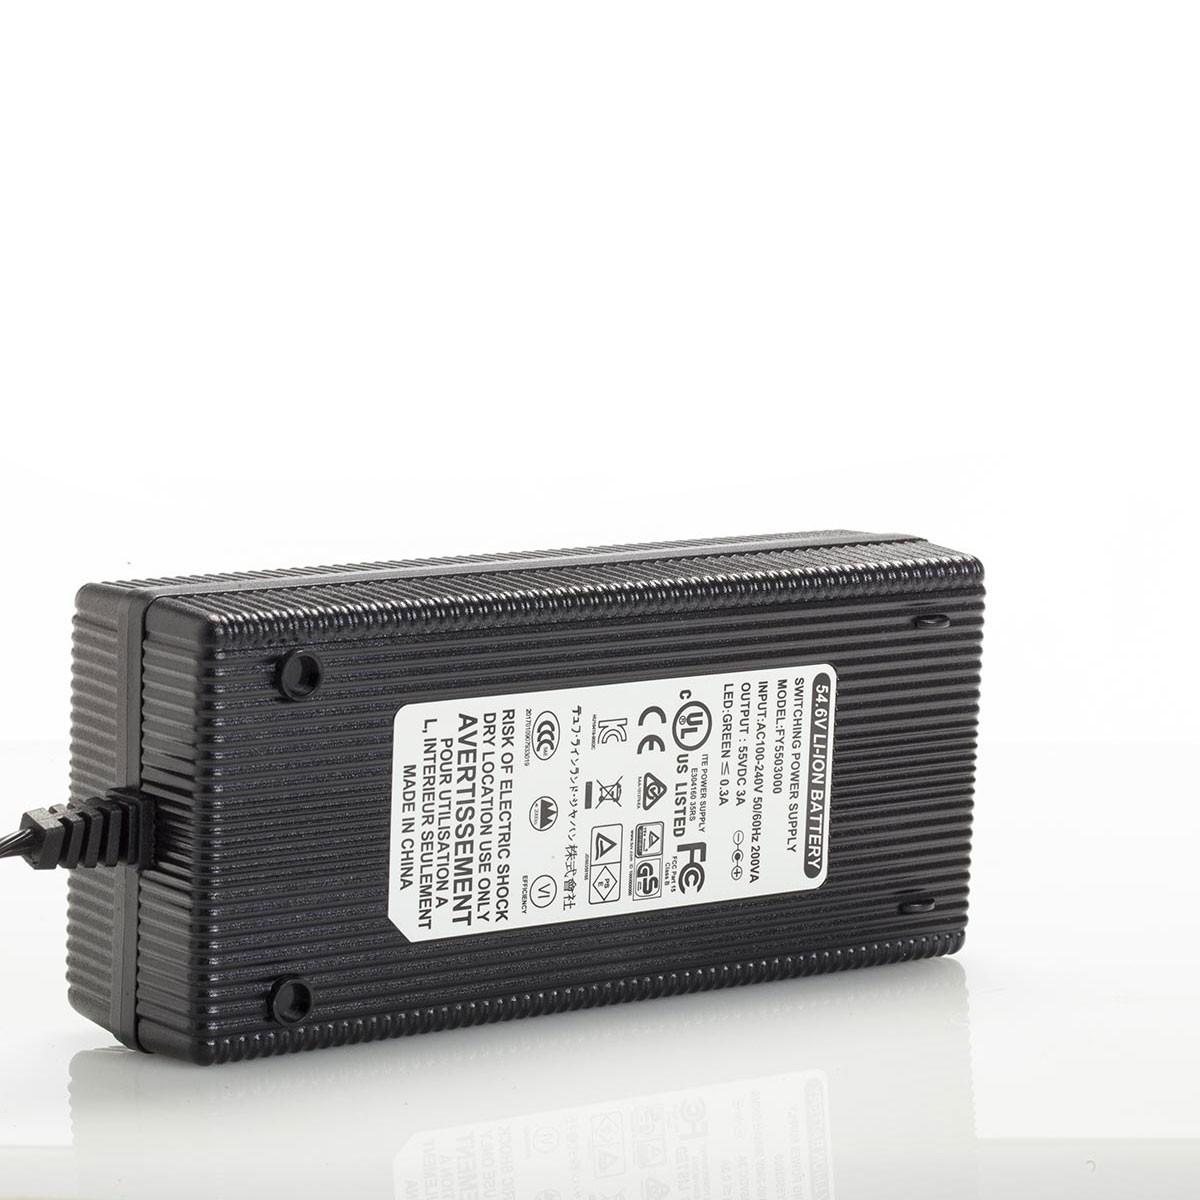 Schema Elettrico Per Carica Batterie Al Litio : Batterie bici elettriche litio: carica batterie litio 48v fam batterie